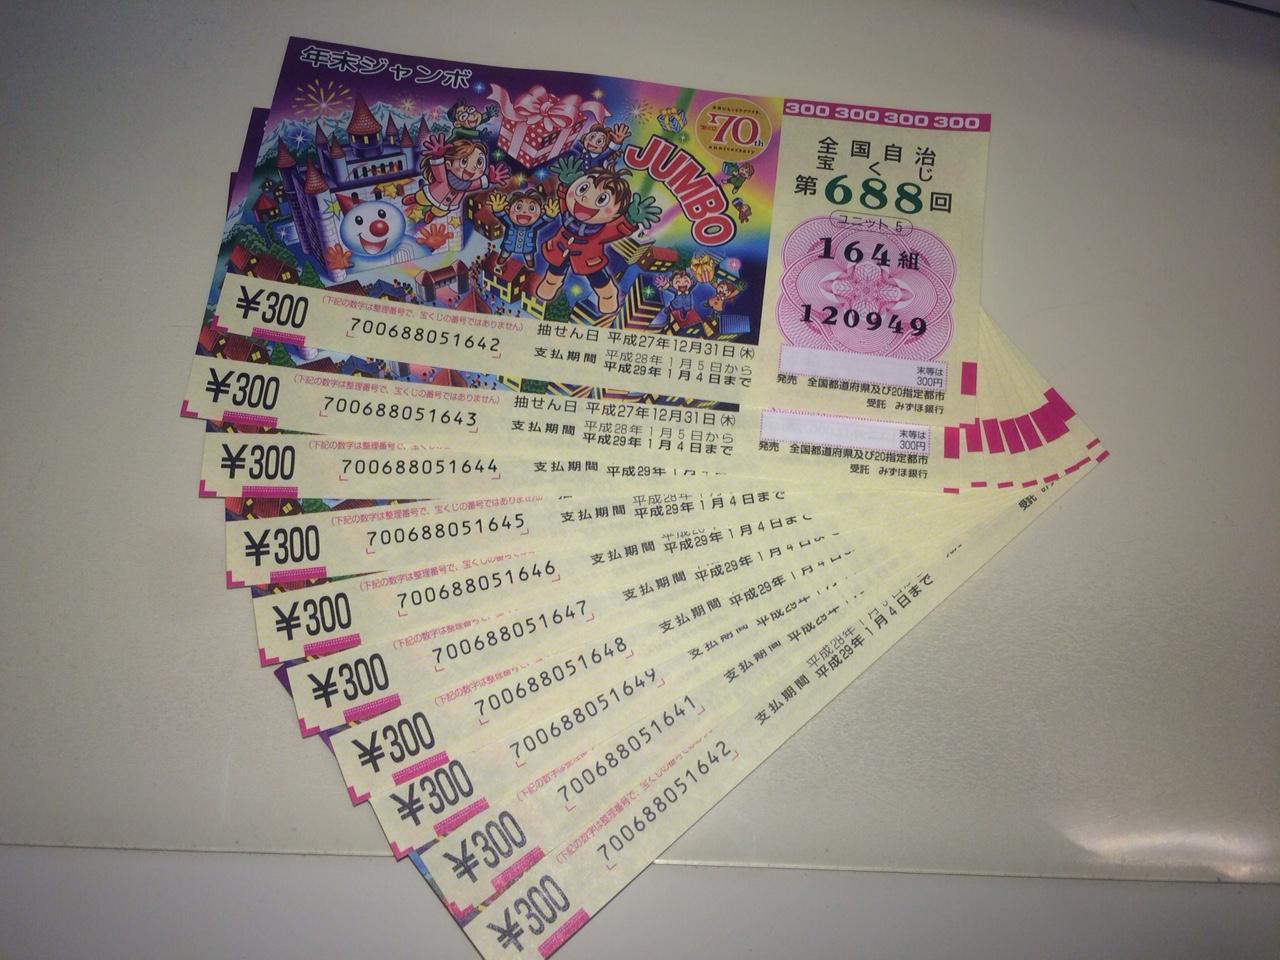 銀行でもらった宝くじが10億円当選!!どこの銀行で宝くじがもらえるの?!